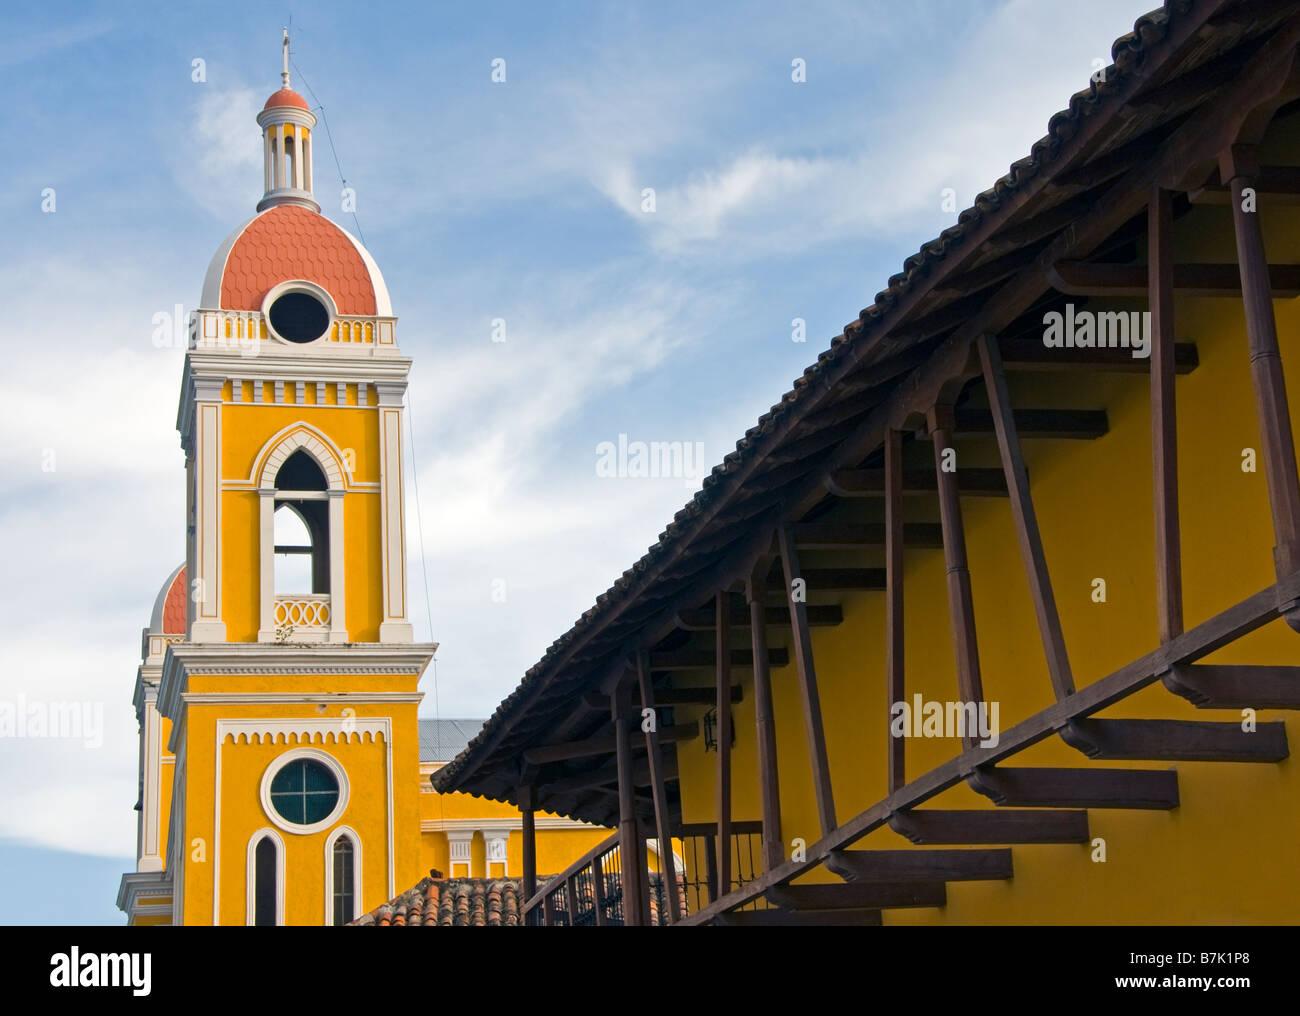 Coloniale architettura Granada il campanile della cattedrale e Hotel La Gran facciata Francia Immagini Stock